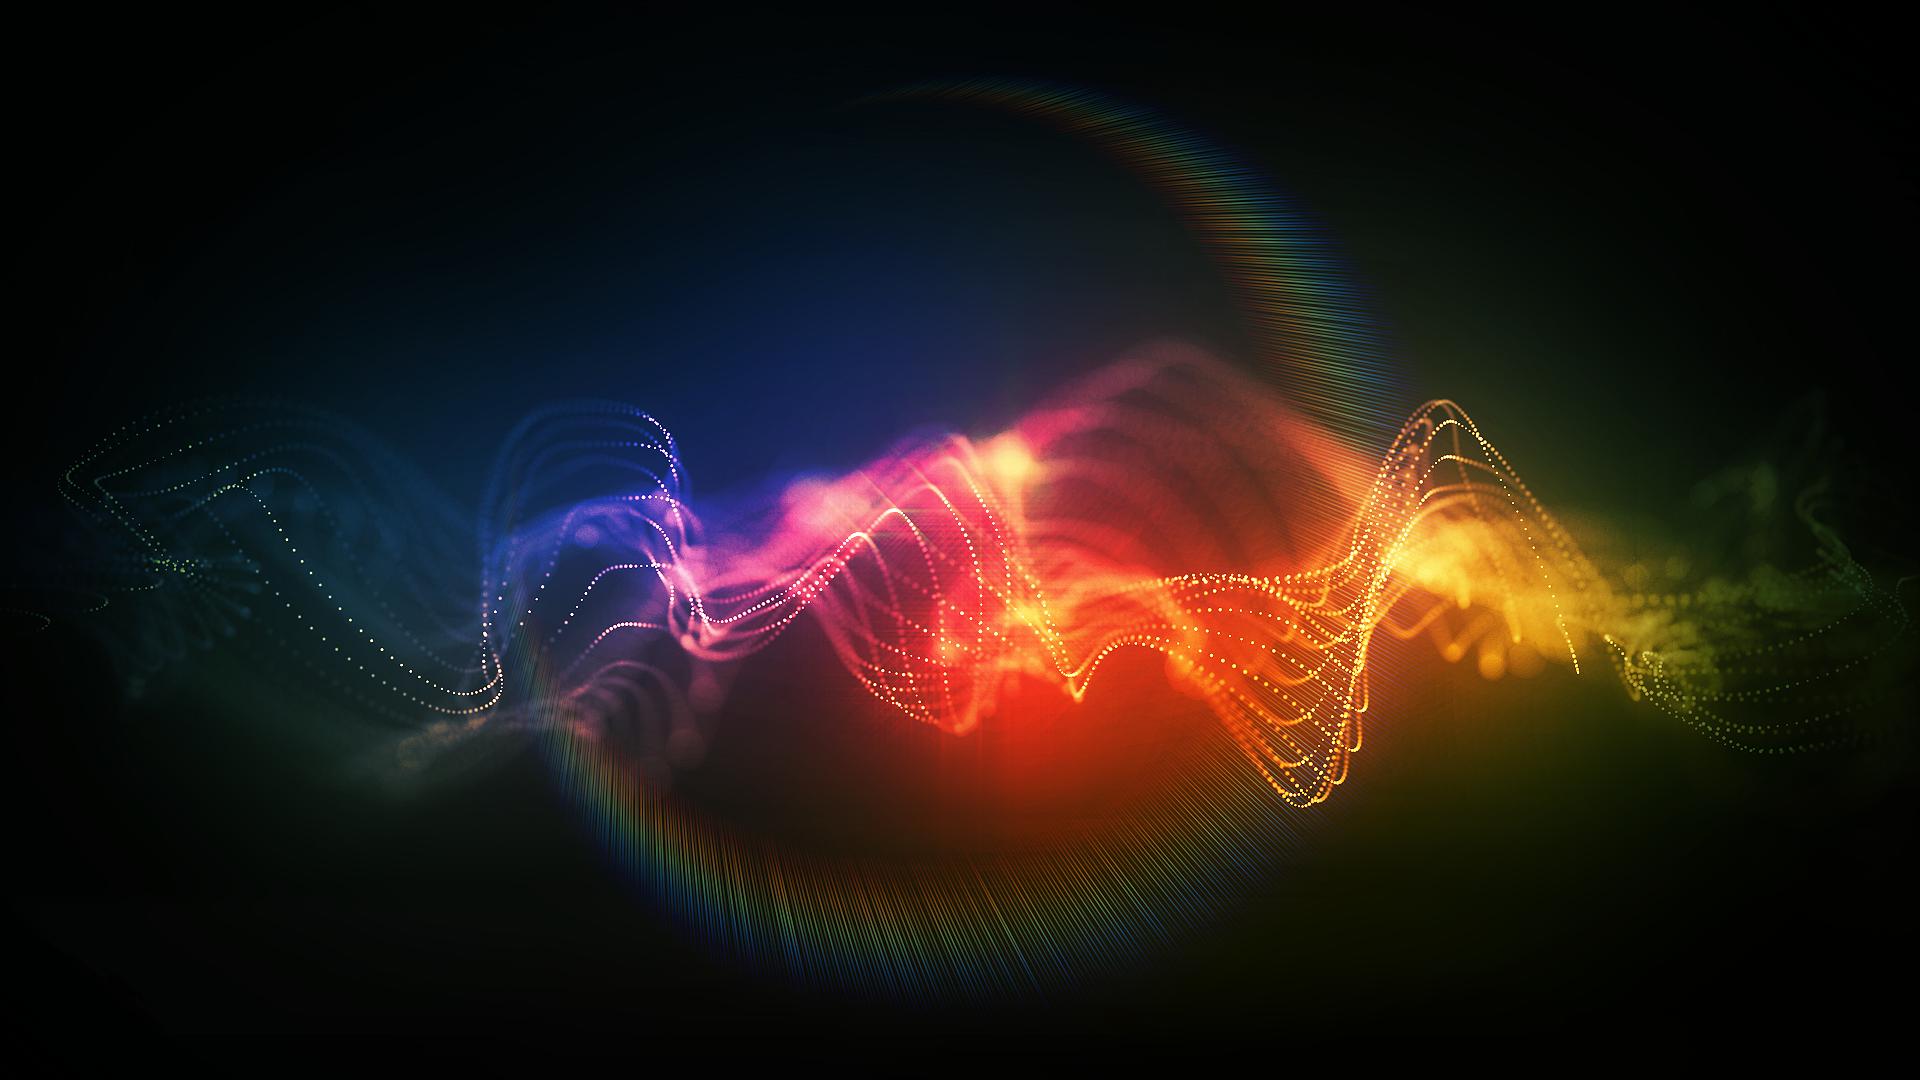 10 Latest Cool Laptop Backgrounds Space Full Hd 1920 1080: Explosión De Colores